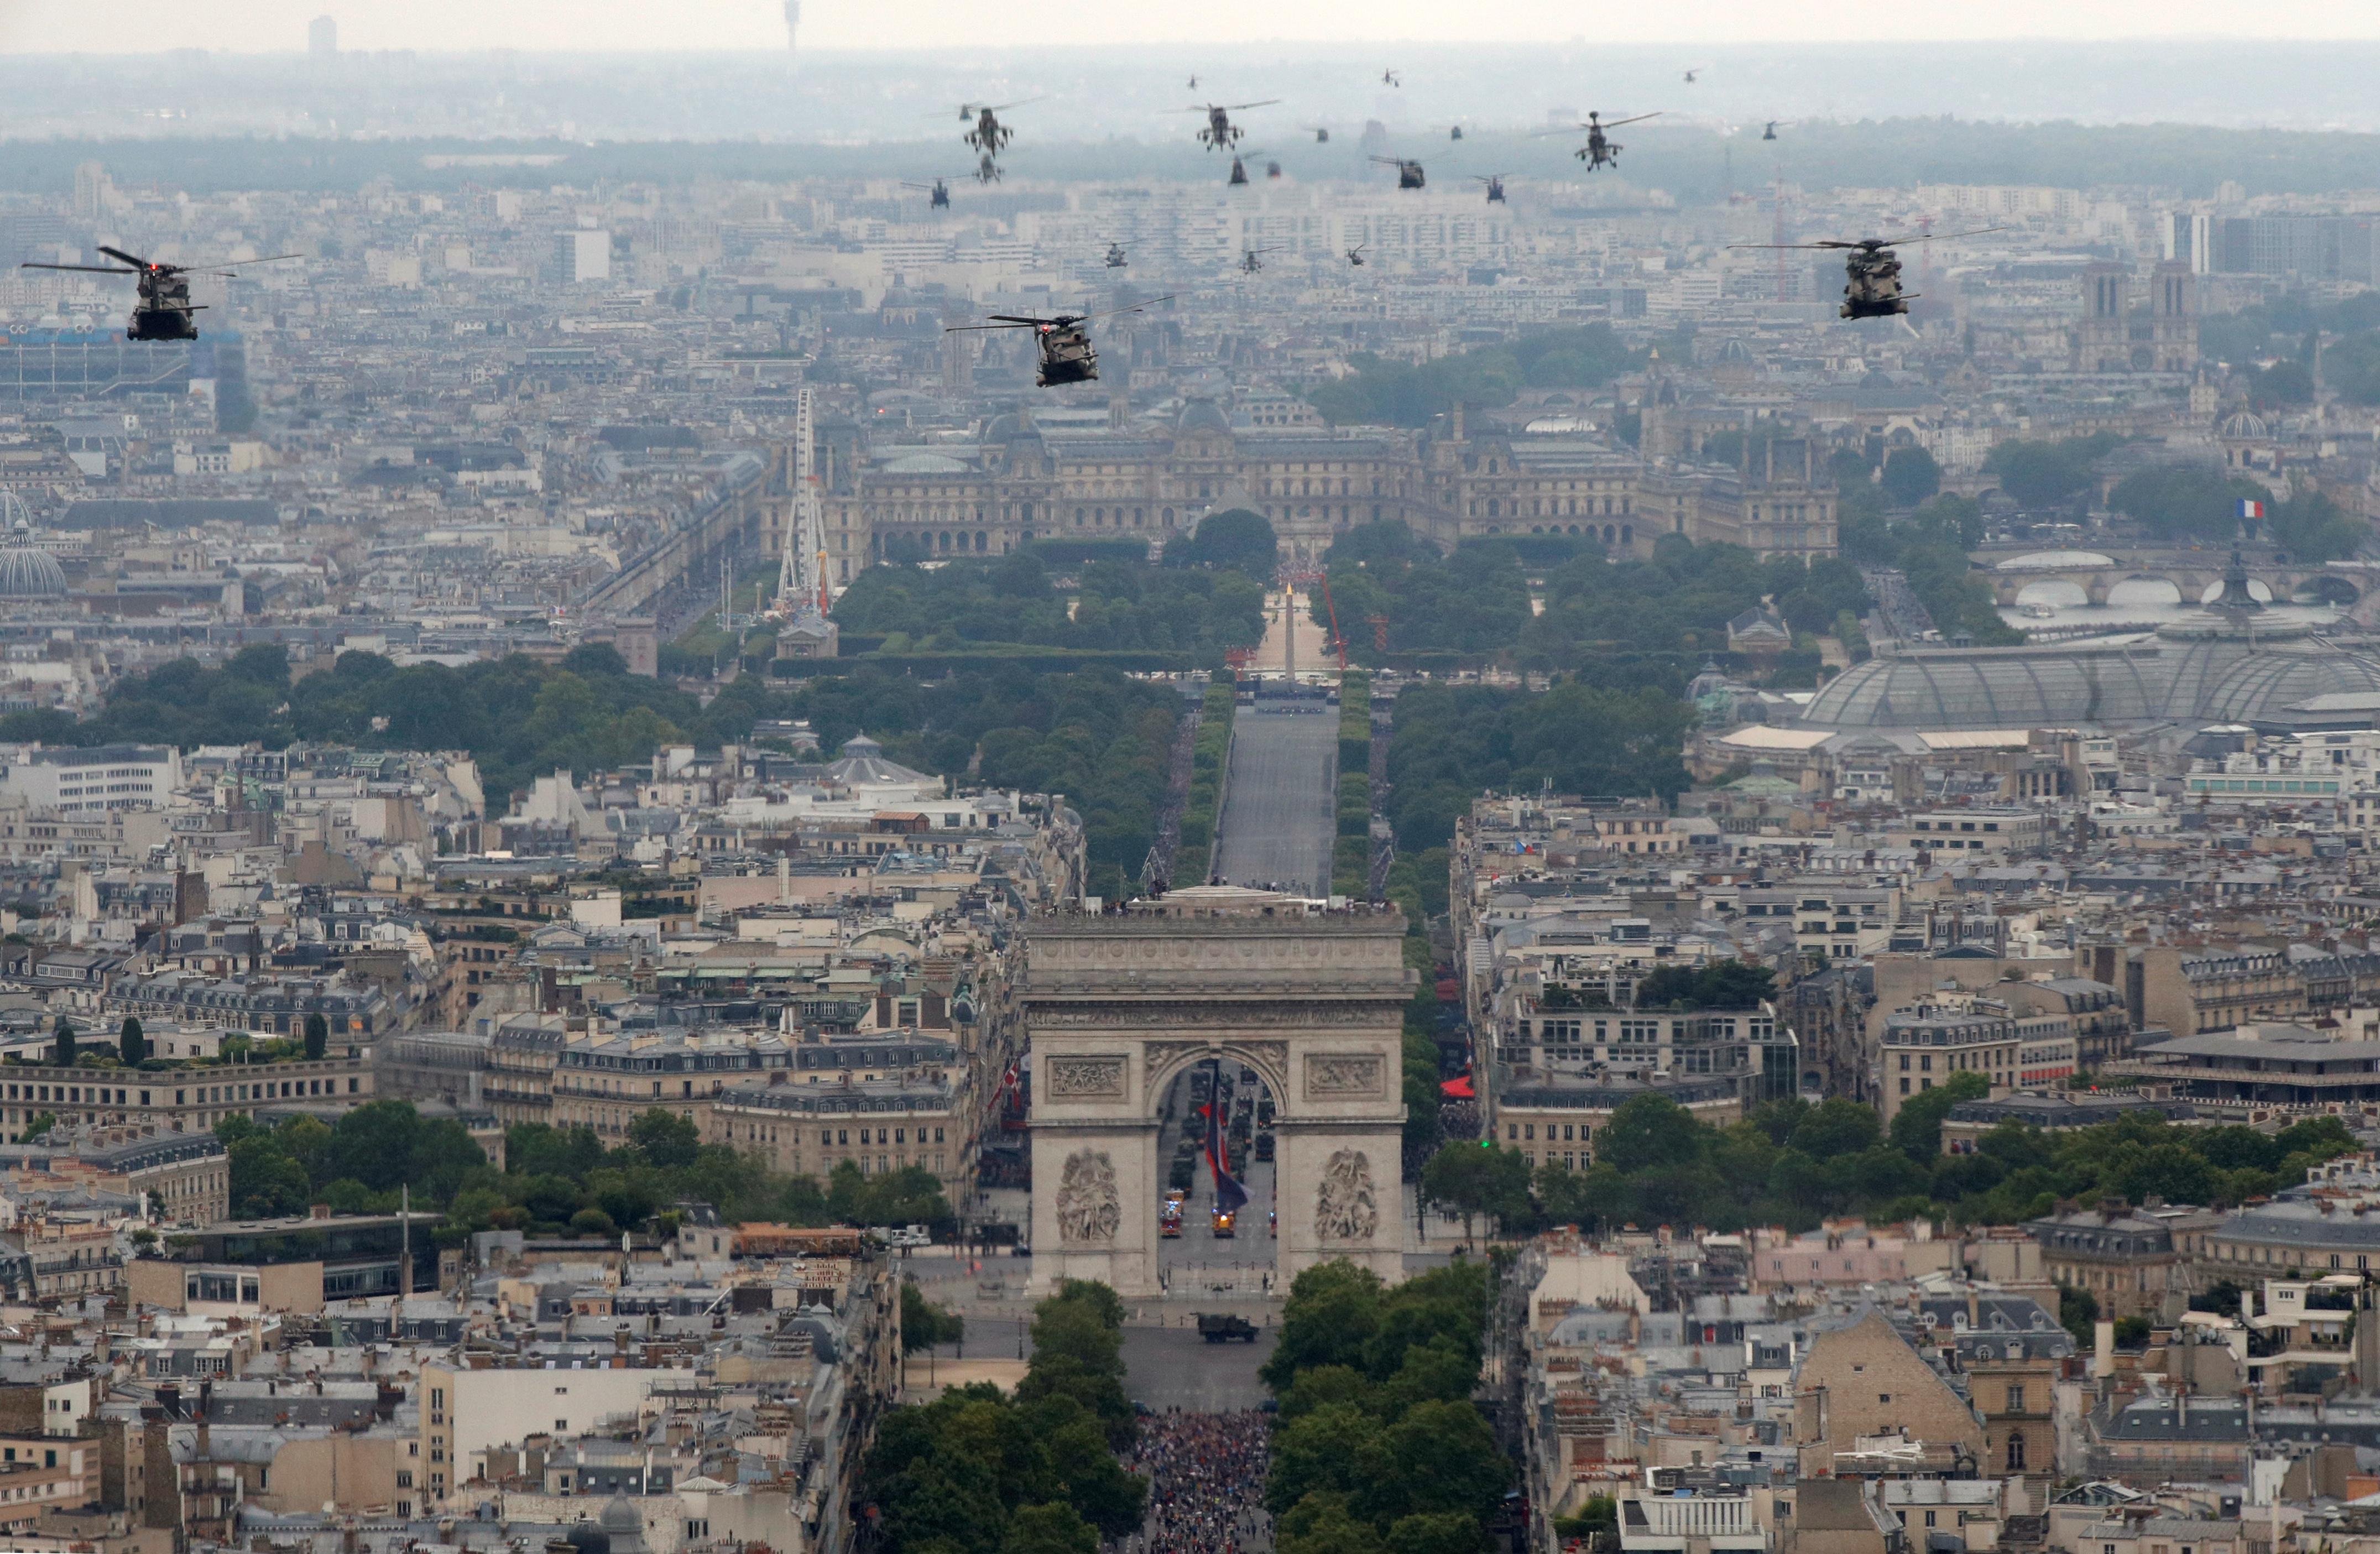 El vuelo de los helicópteros sobre París